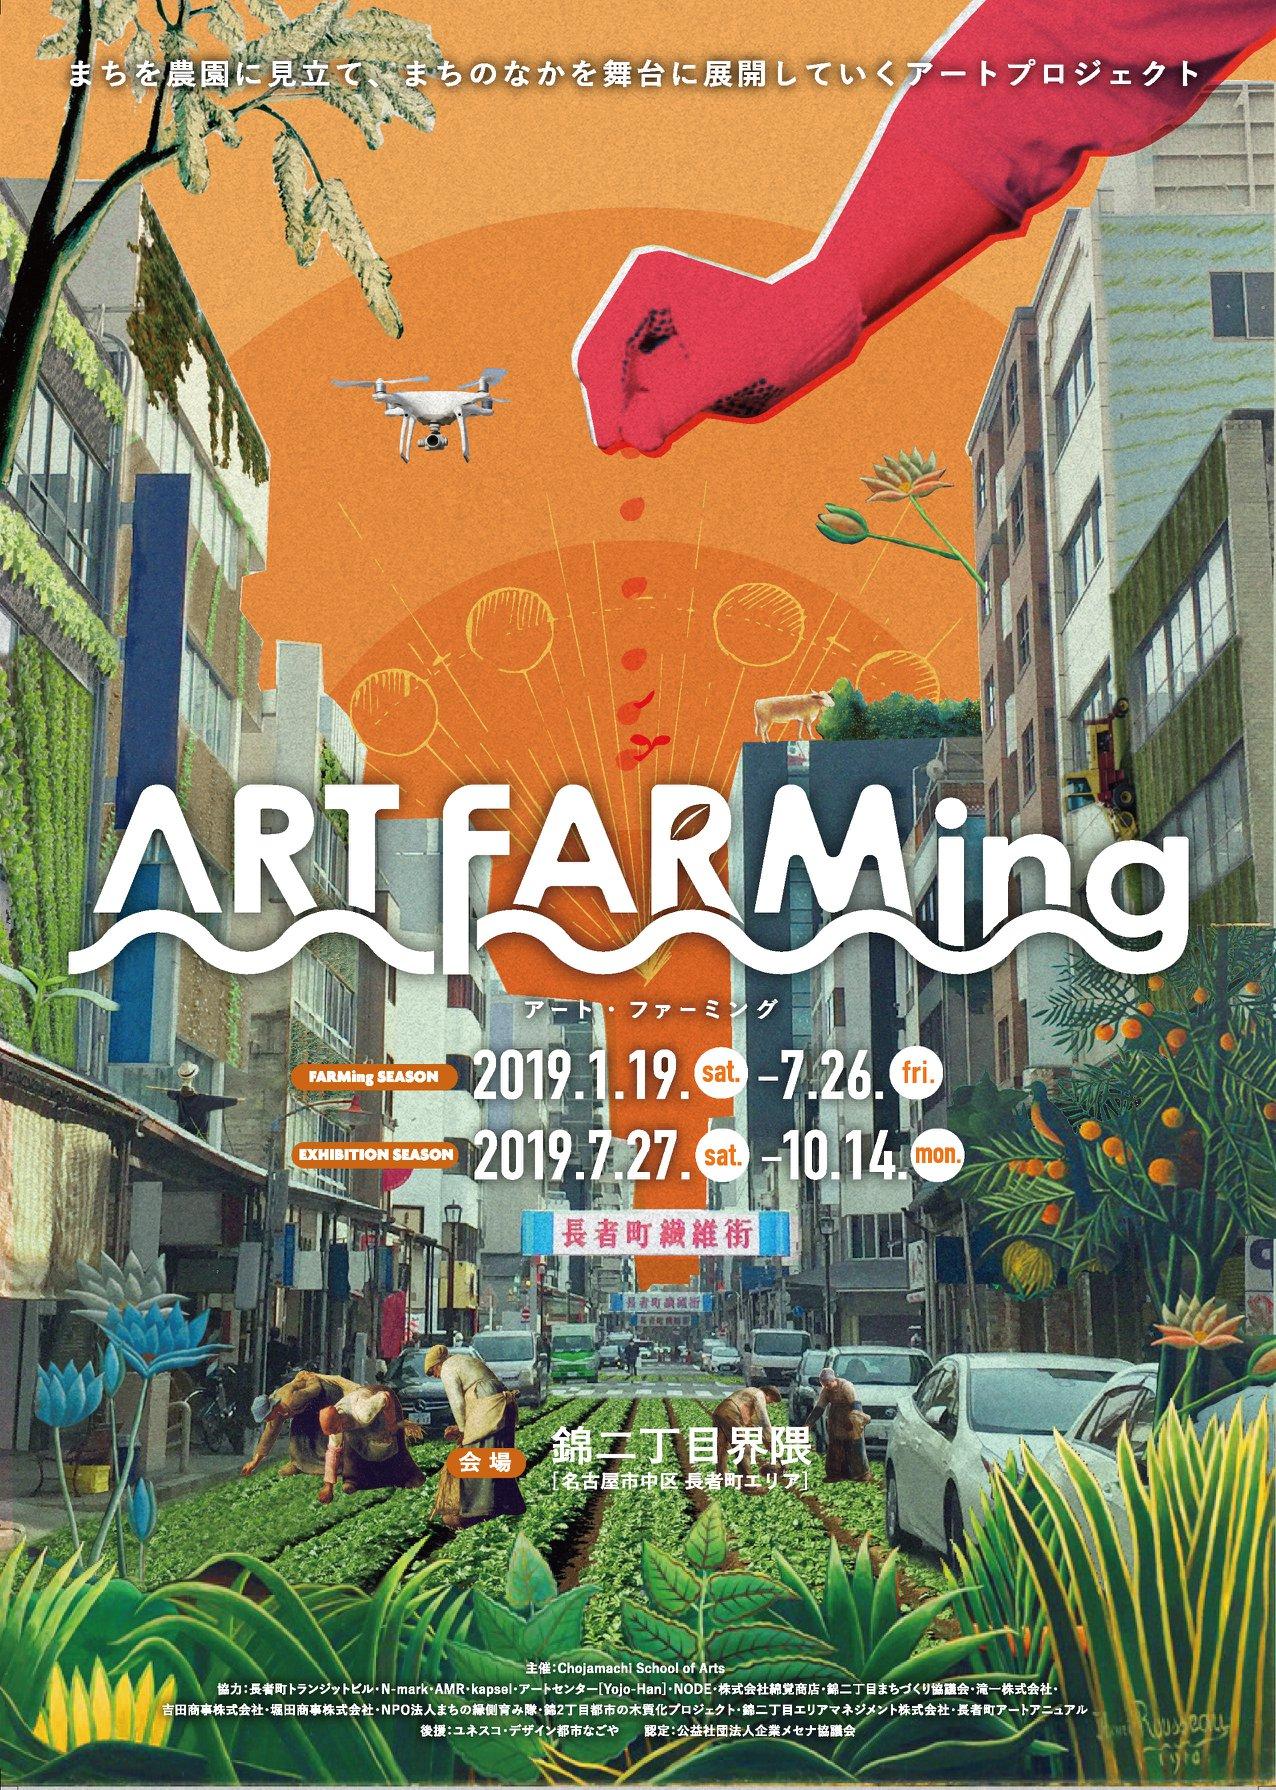 街を農園に見立て、まちのなかを舞台に展開していくアートプロジェクト「ART FARMing」を取材。